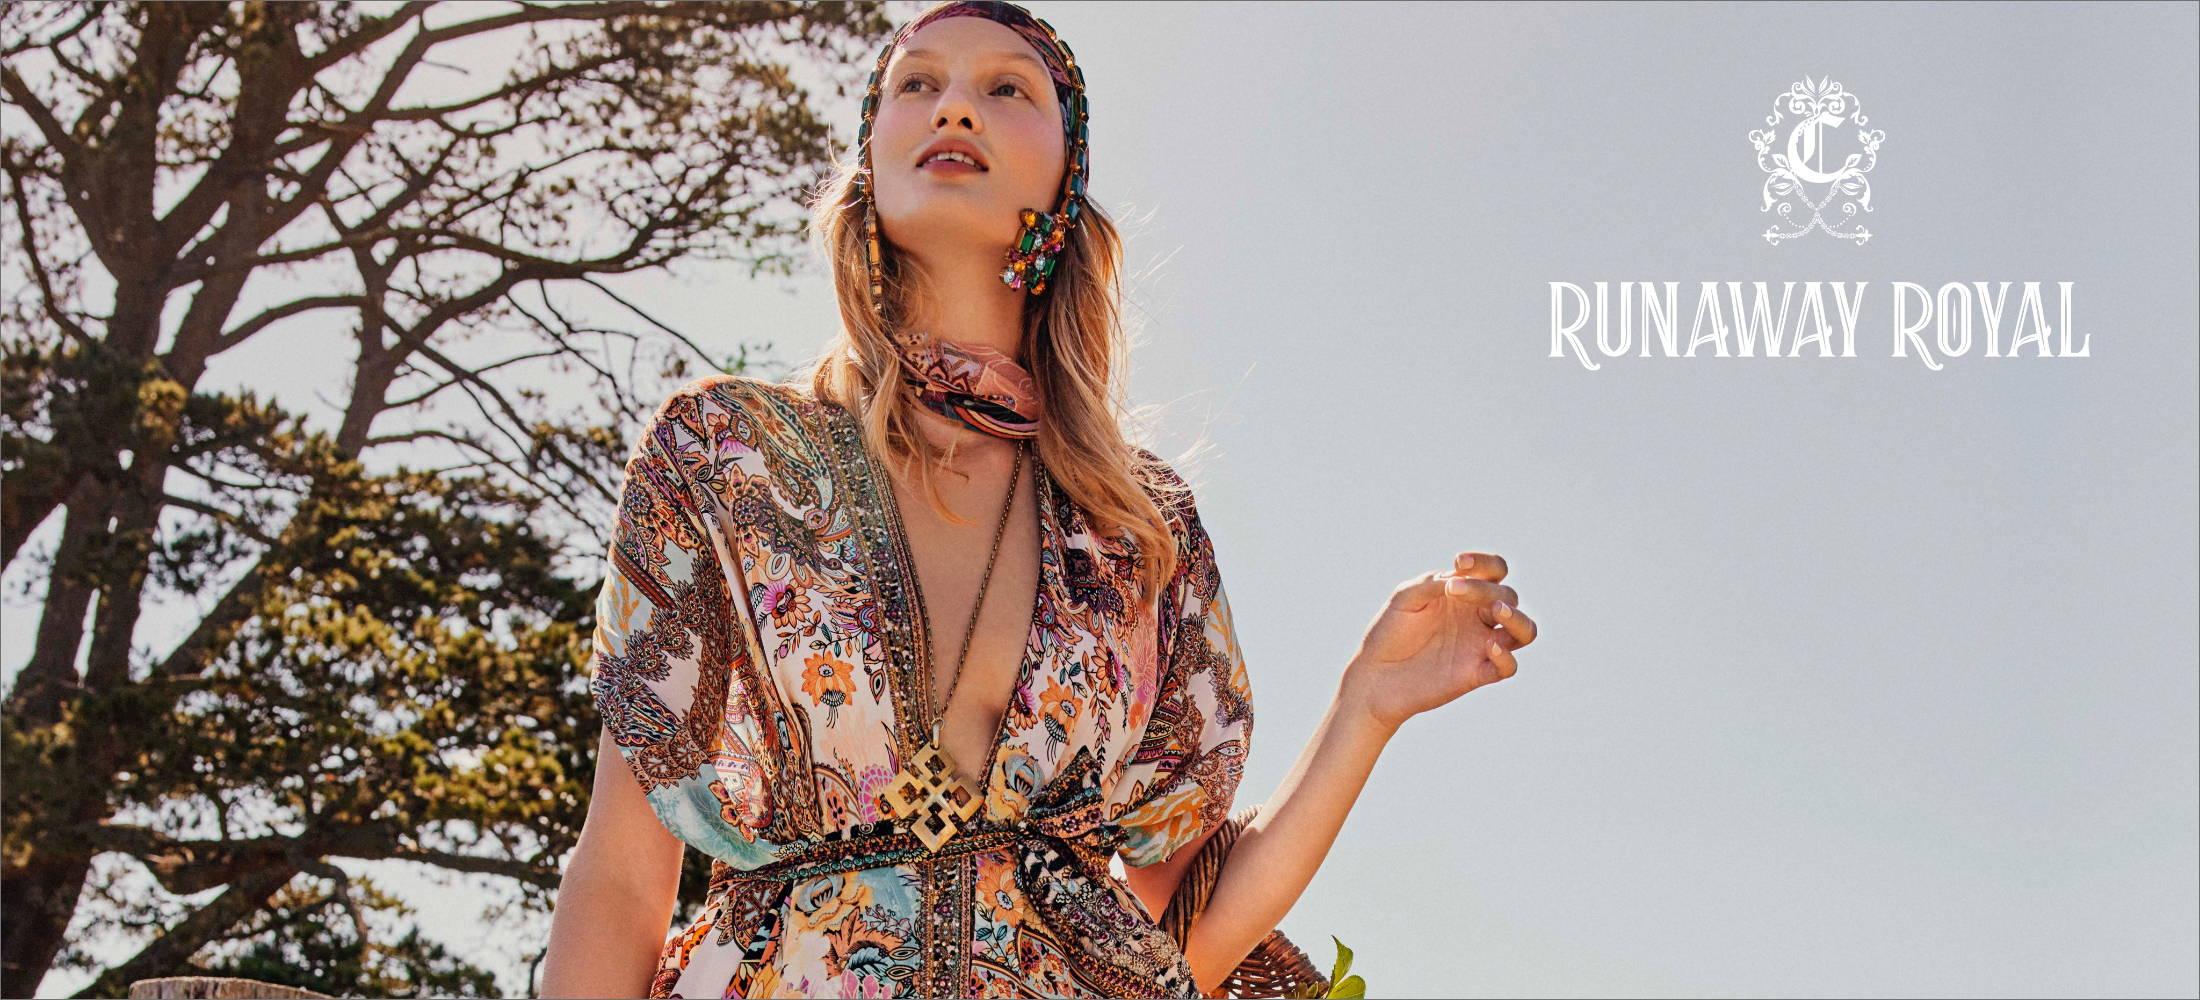 CAMILLA runaway royal, camilla paisley layer, camilla carnaby disco,